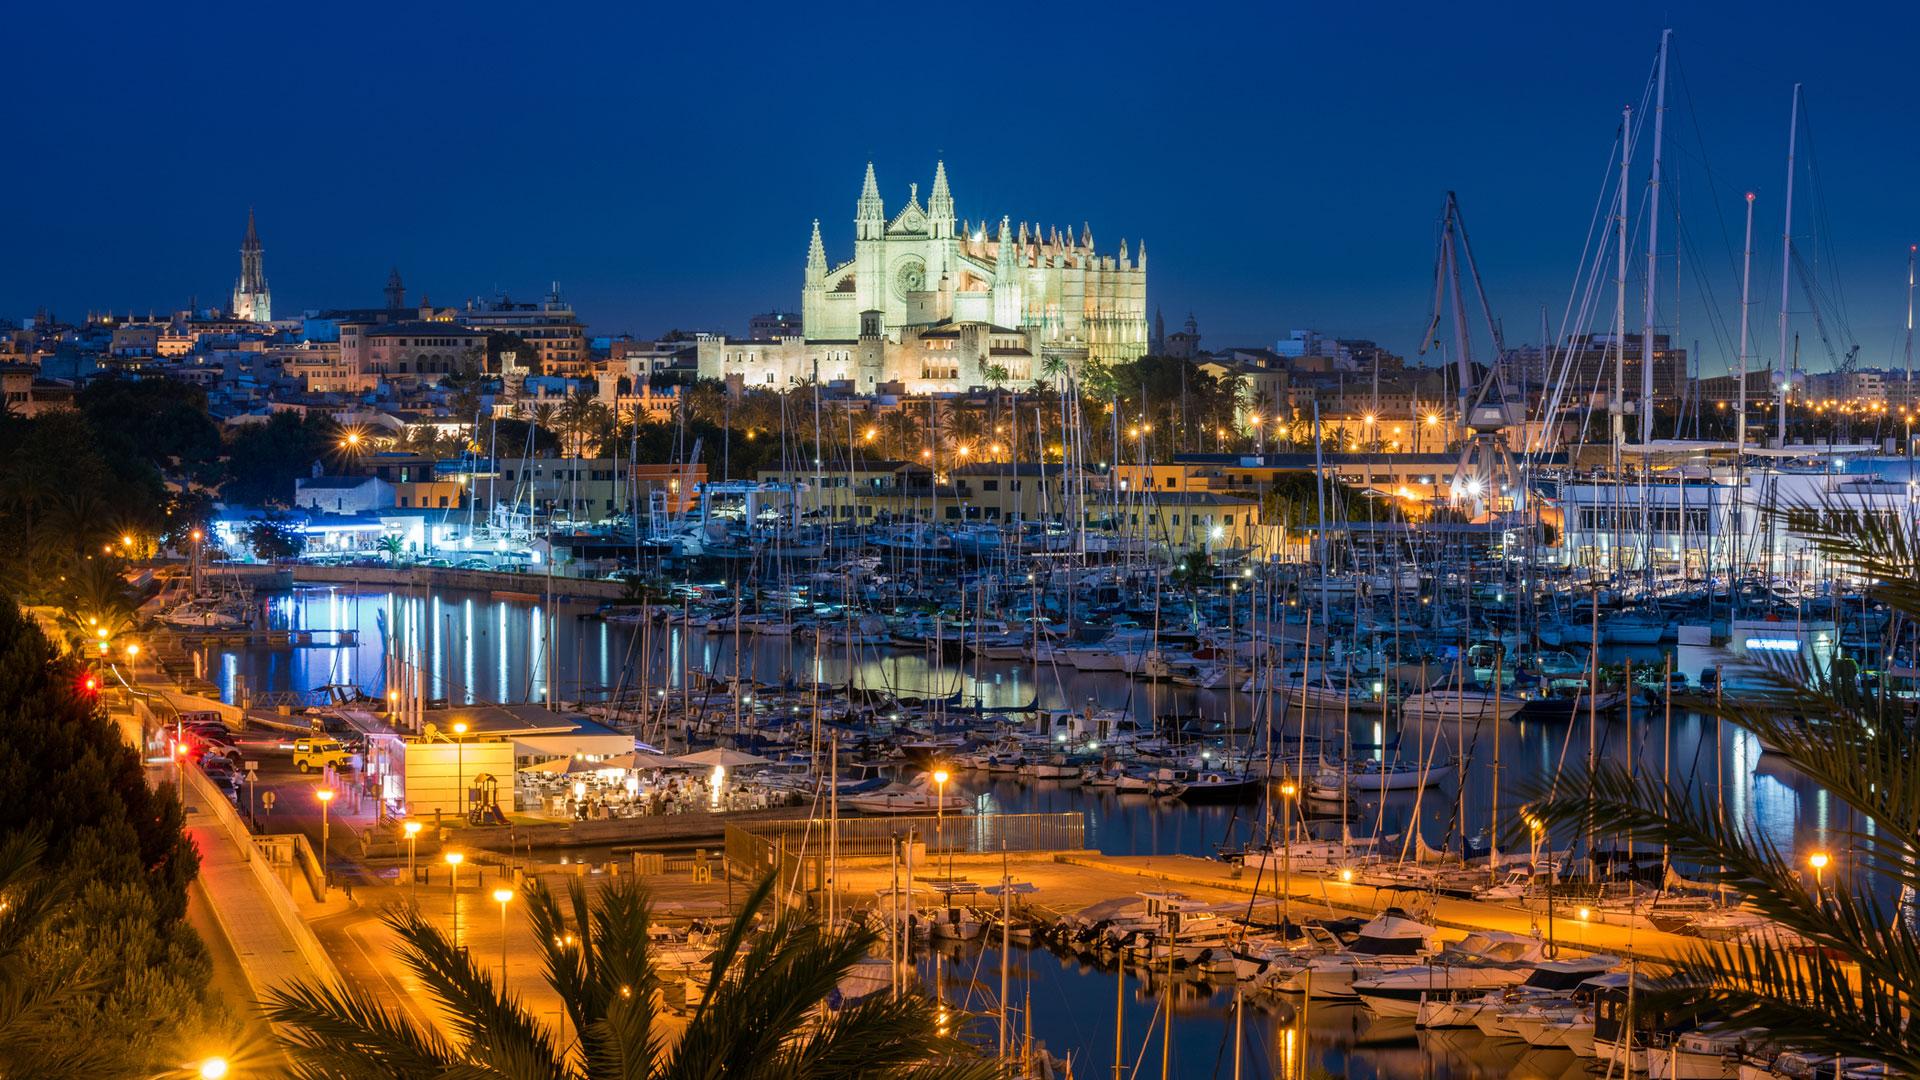 Un país mágico - Palma de Mallorca - RTVE.es